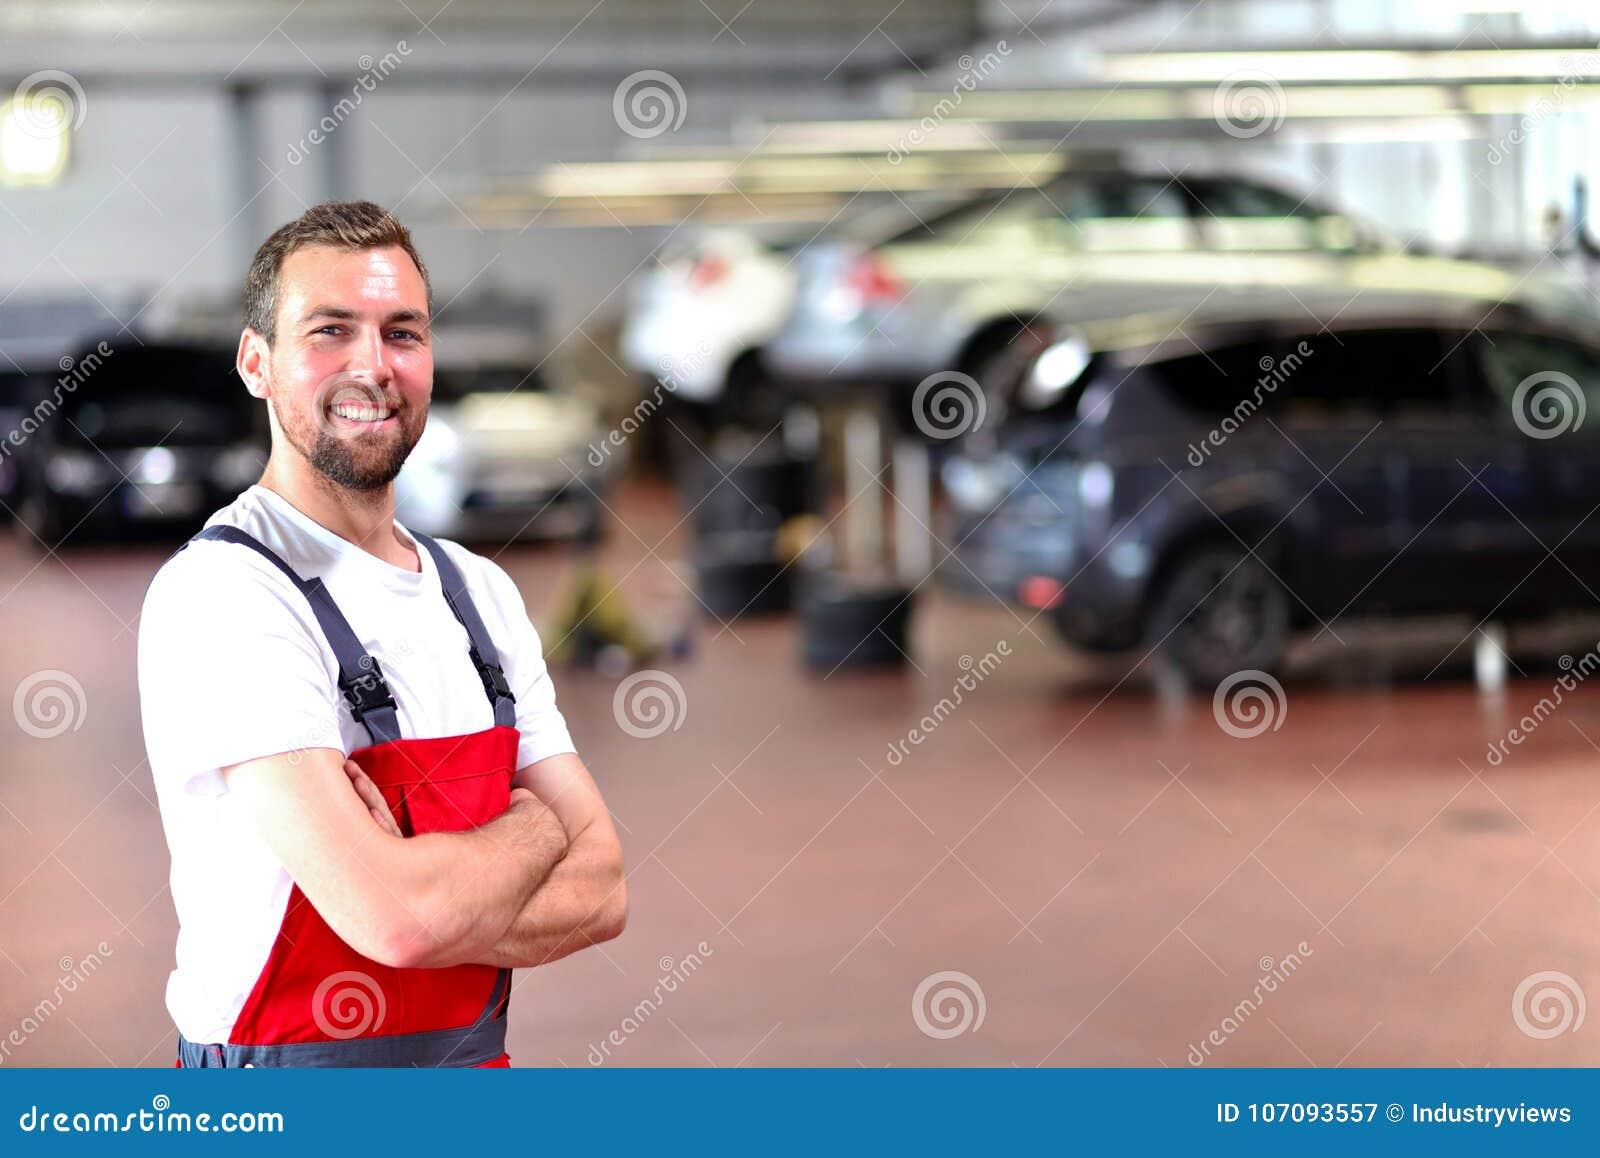 Mécanicien dans un atelier de réparations de voiture - diagnostic et dépannage